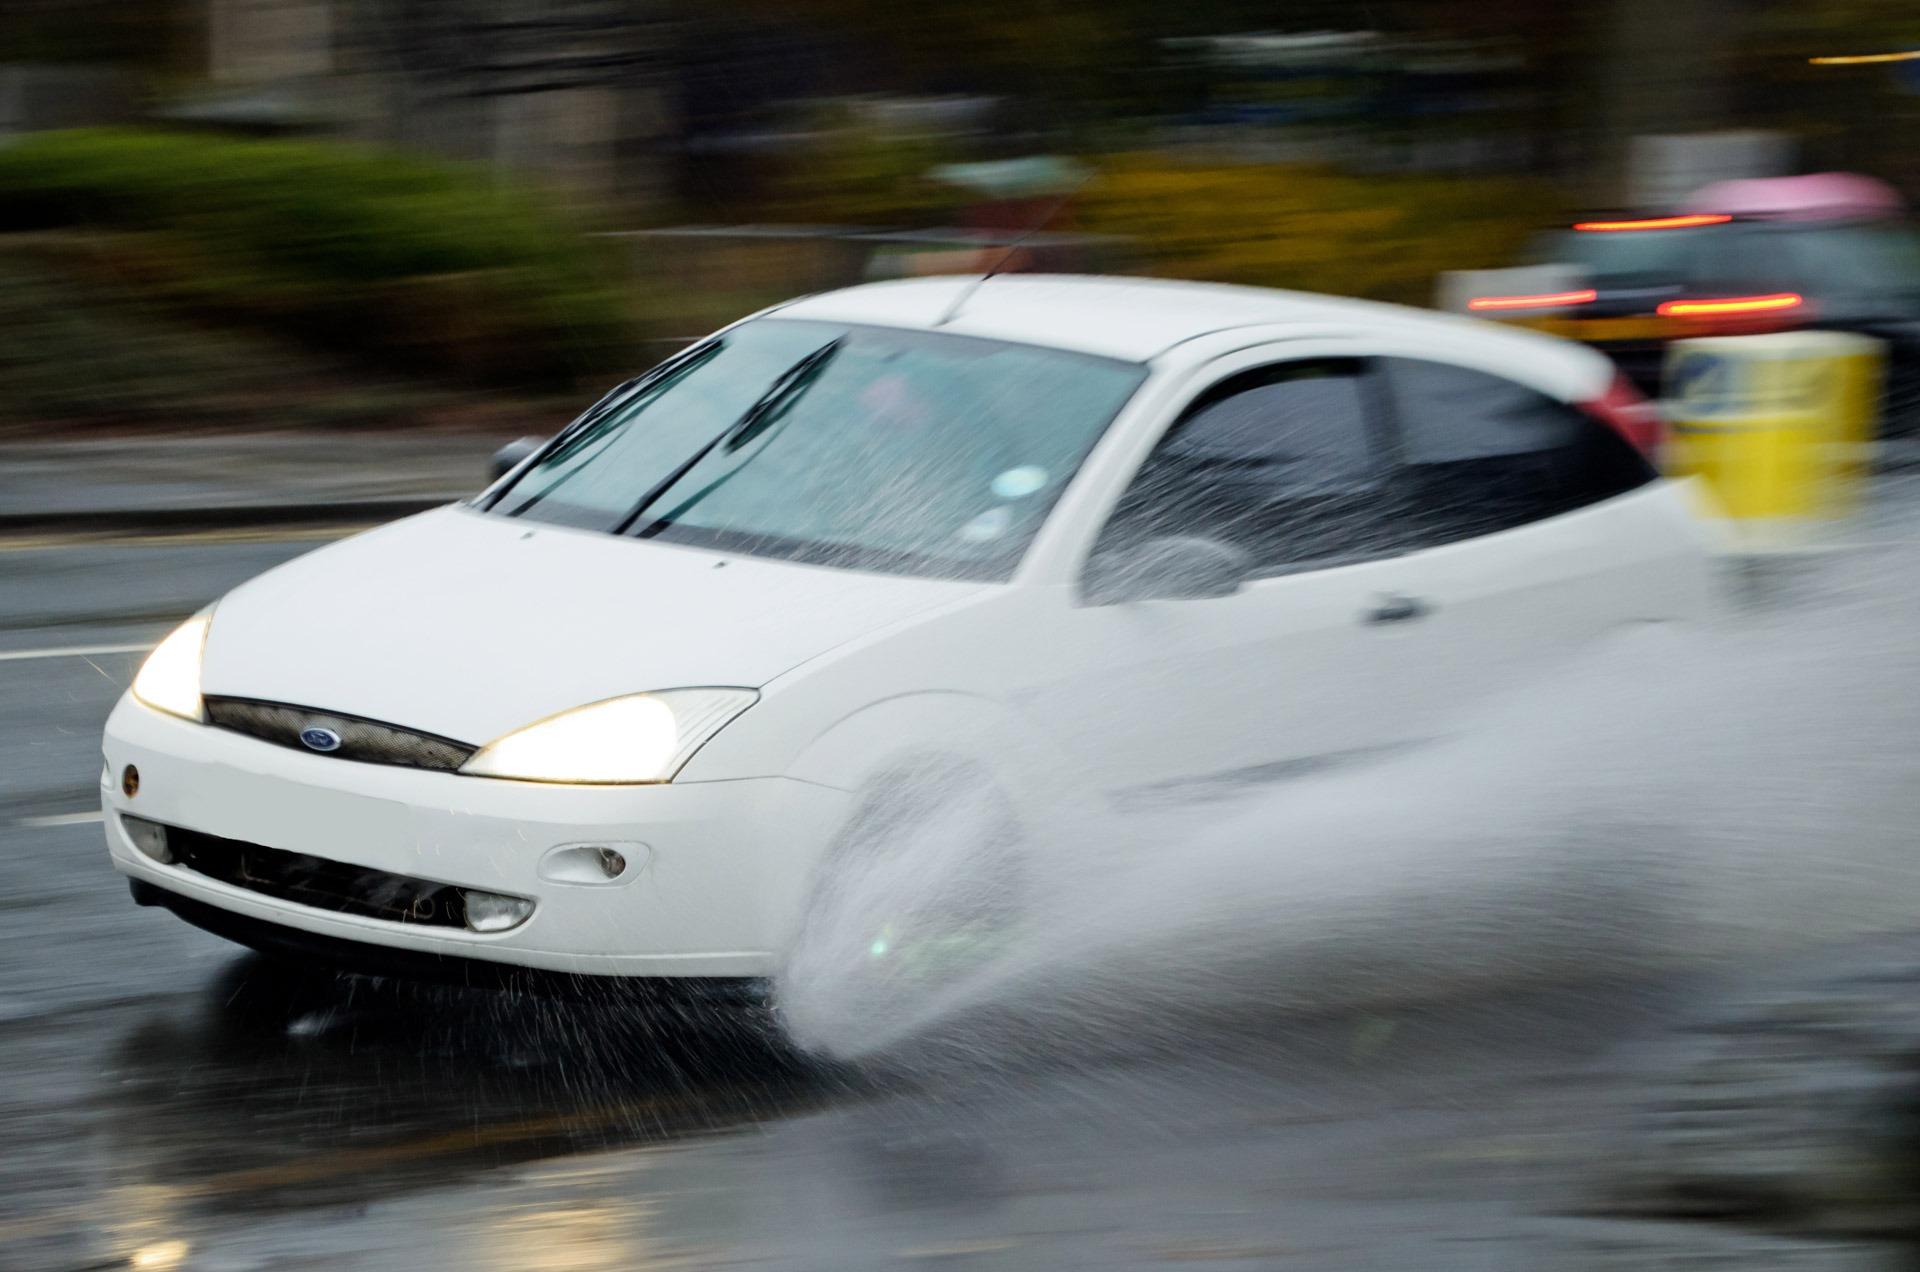 Imagem para ilustrar o texto sobre carros no período de chuvas